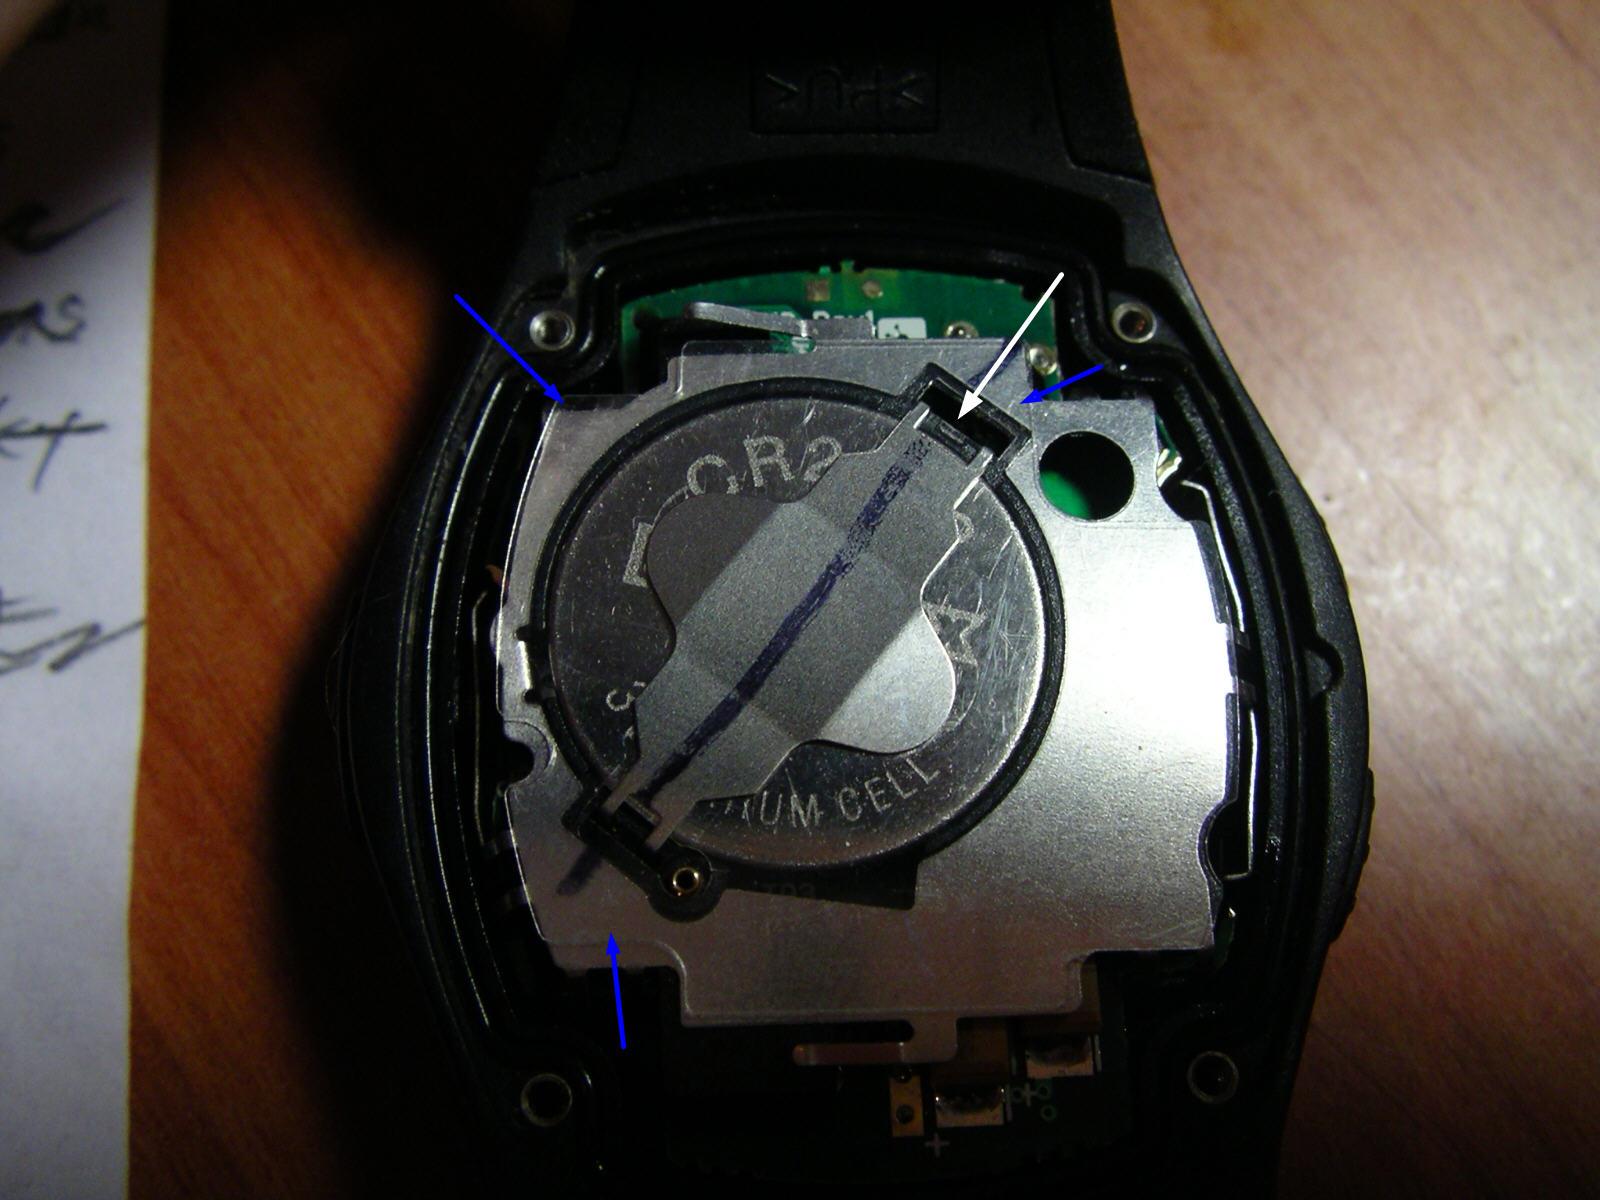 replacing the battery in a garmin forerunner 50 watch rh gnjmch com garmin forerunner 50 manual español Garmin Forerunner 235